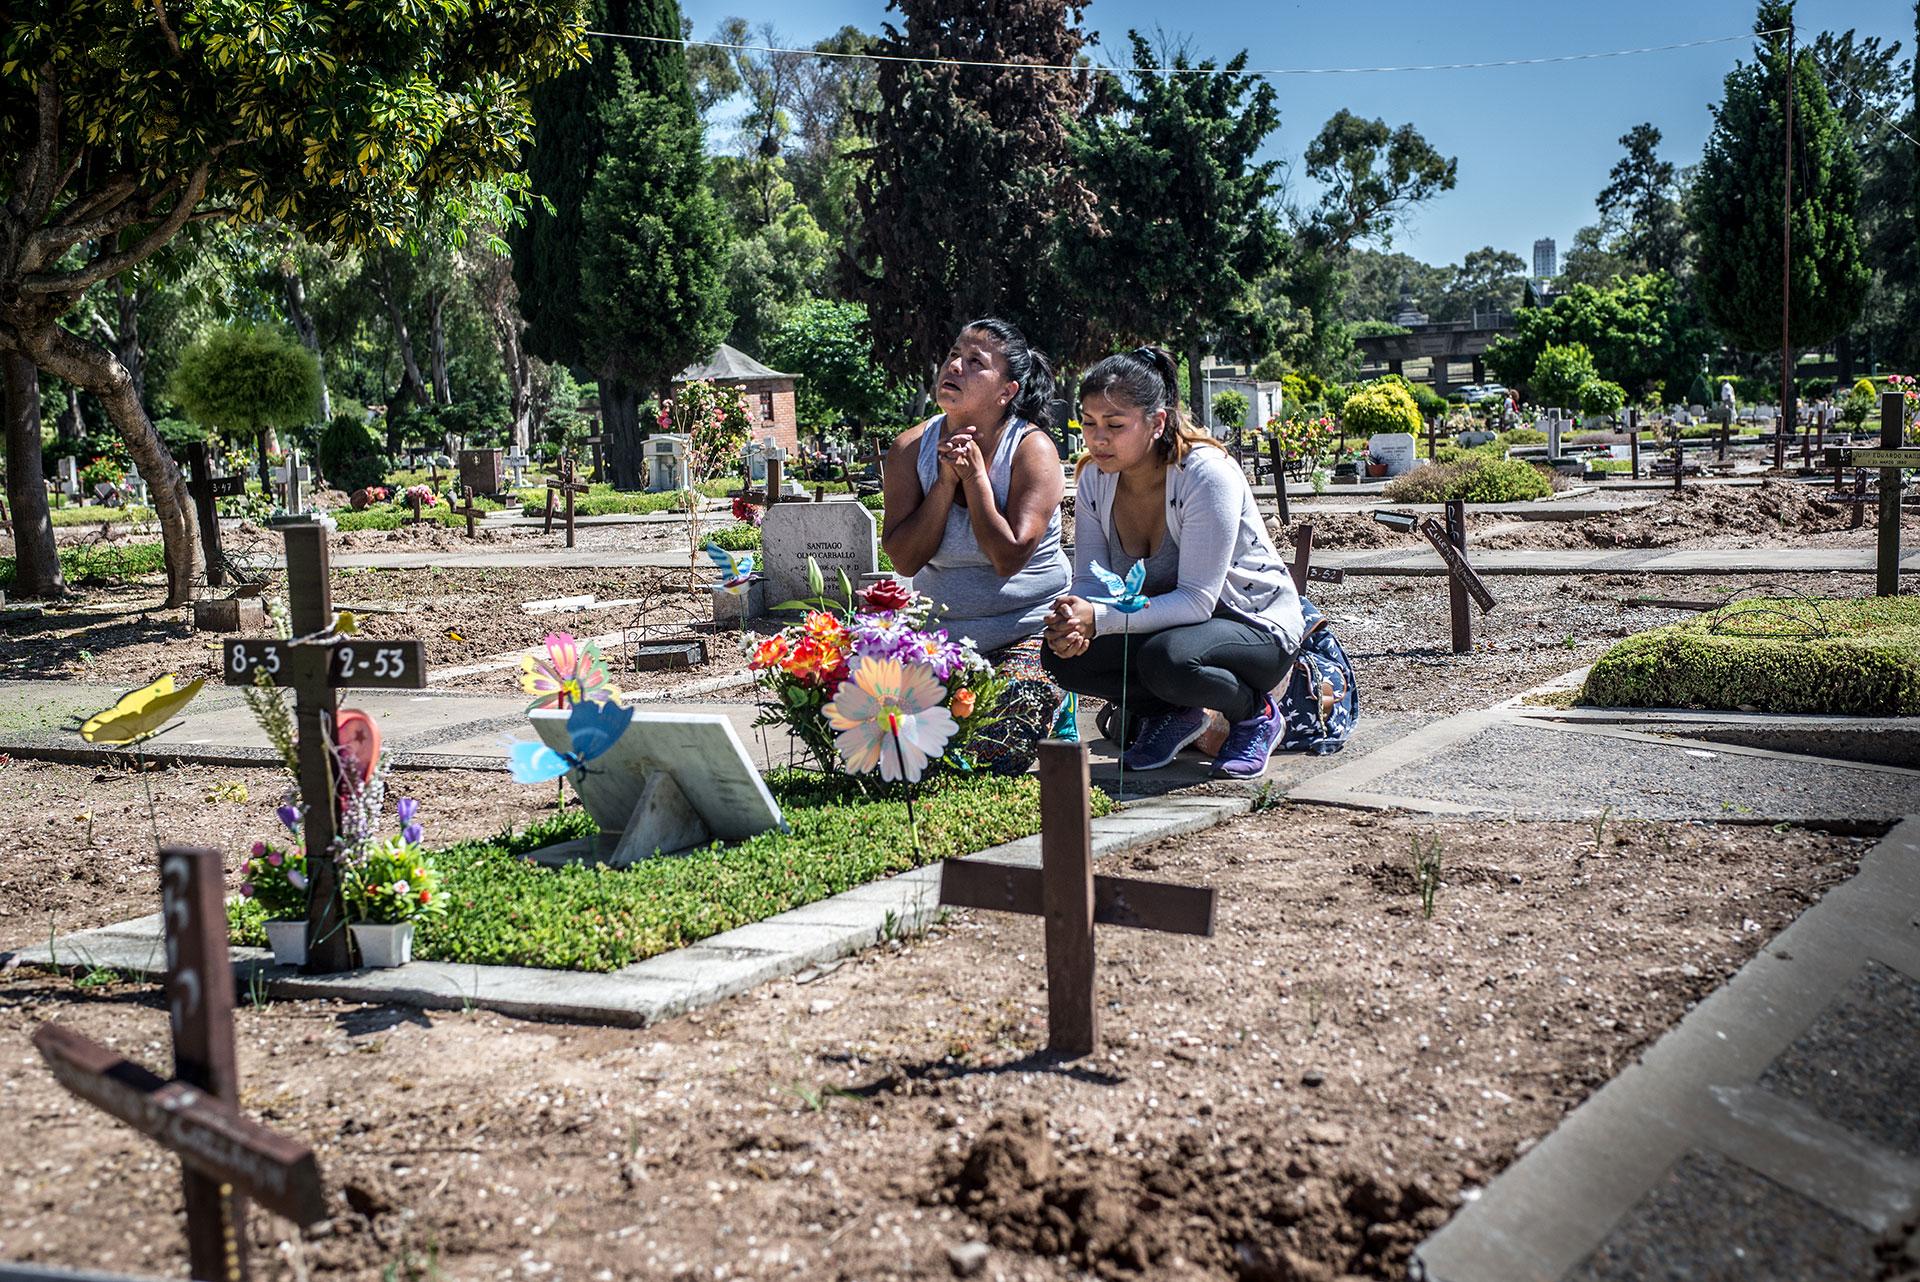 Buenos Aires, Marta Tarqui y su hija Miriam Colque, de 26 años, lloran y rezan en el cementerio de La Chacarita por la pérdida de su hija y hermana Daiana Belén Colque, asesinada a múltiples puñaladas por su novio paraguayo Hernán, uno de los narcos de La Villa 31, un barrio pobre situado junto a la estación Retiro, donde Marta vive con su familia.